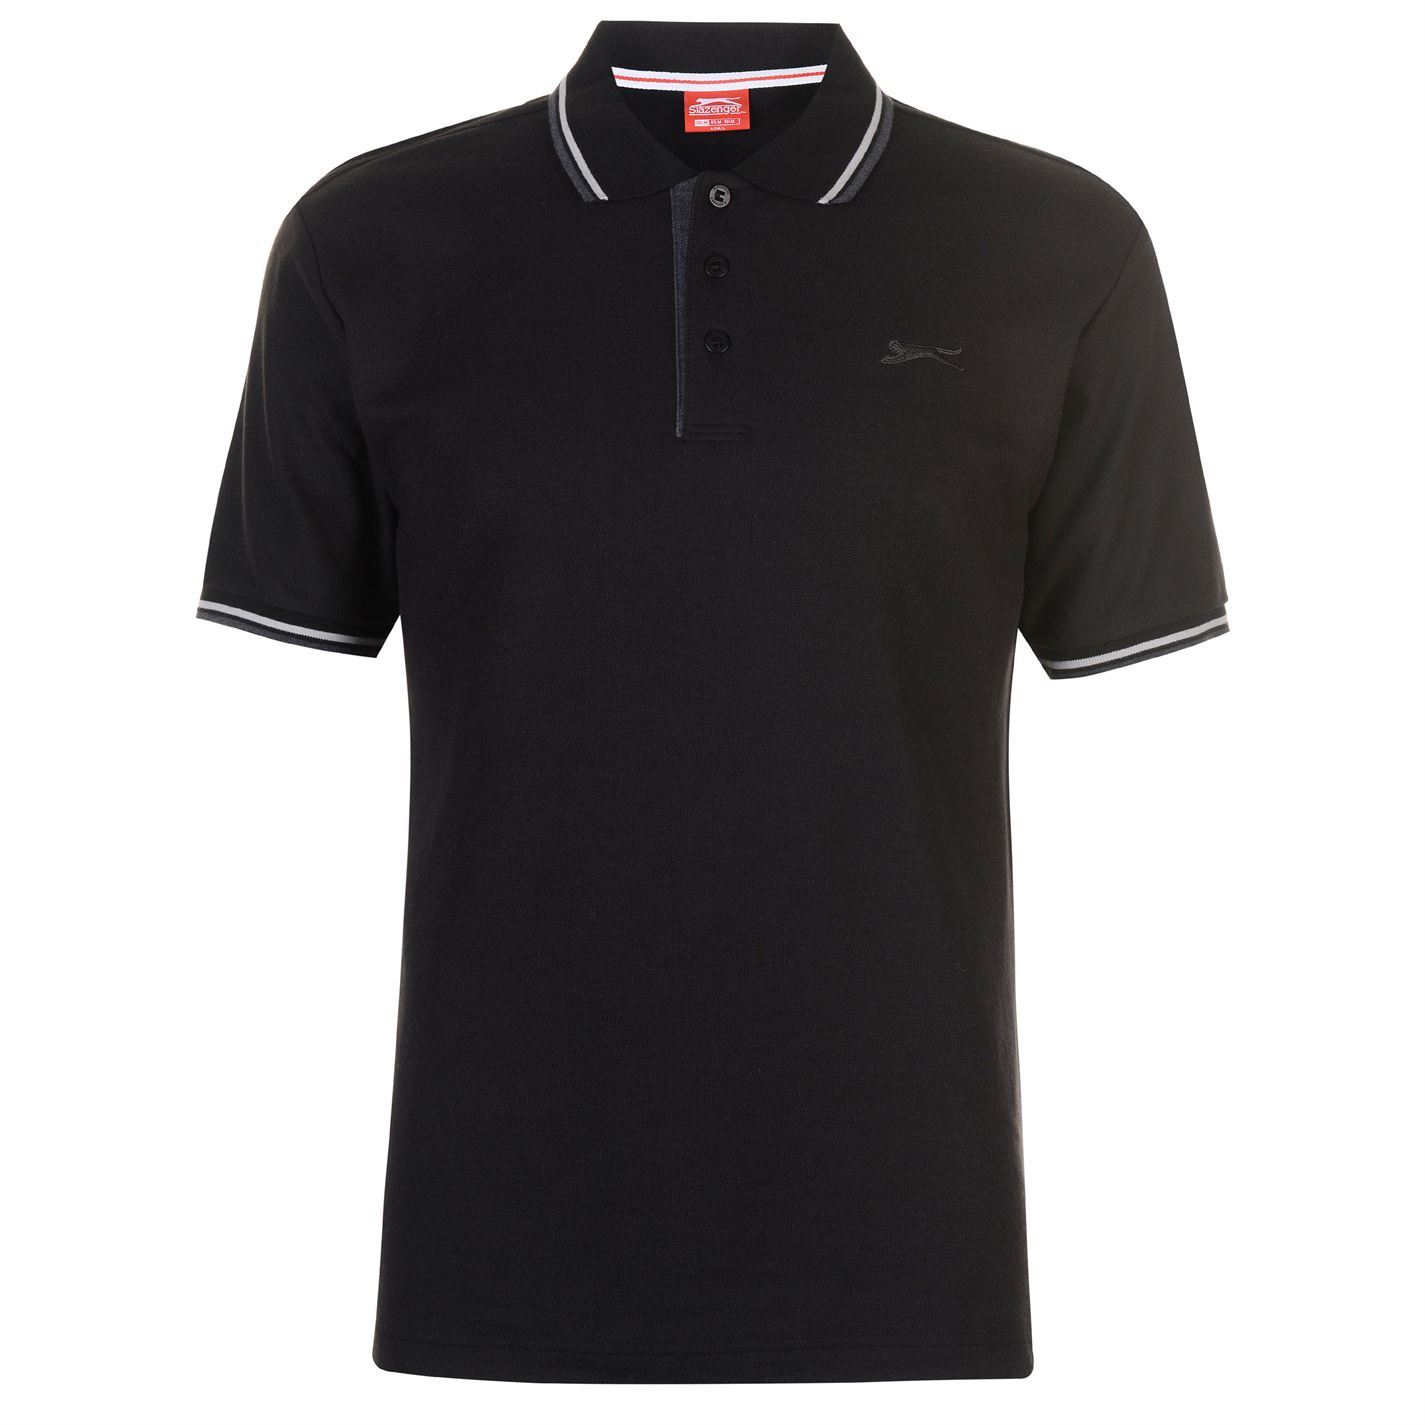 Slazenger-Polo-Camisa-de-hombre-con-cuello-con-Punta-T-Shirt-Top-Camiseta-Tee miniatura 3